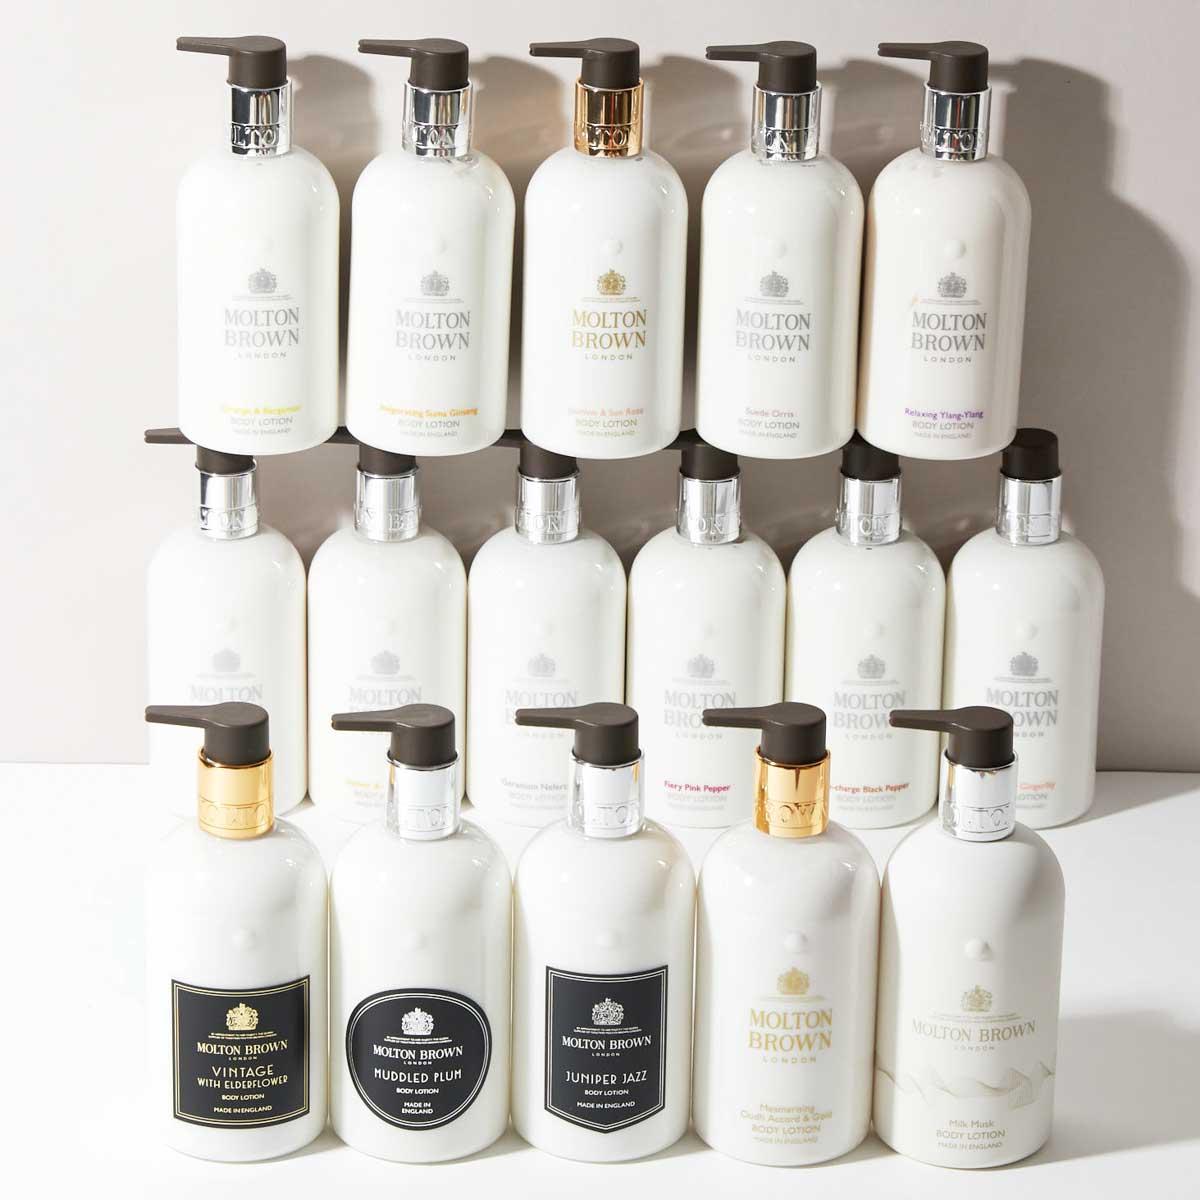 知的で品のあるセンシュアルな香り。モルトンブラウン『スエード オリス ボディローション』をご紹介に関する画像1